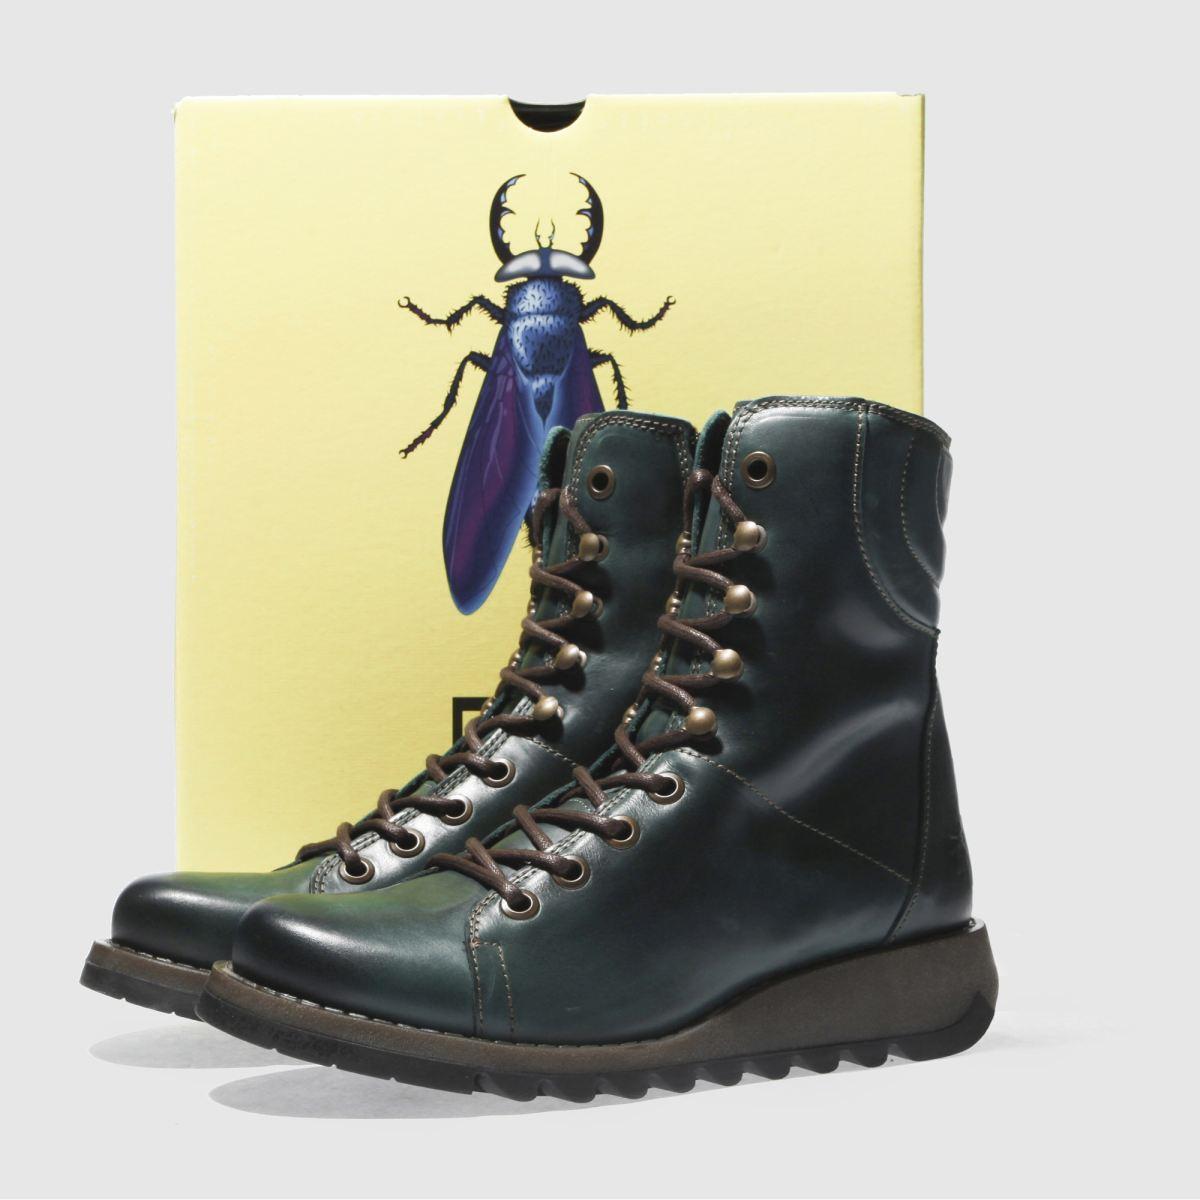 Damen Dunkelgrün fly schuh london Same Boots | schuh fly Gute Qualität beliebte Schuhe aaa0b8